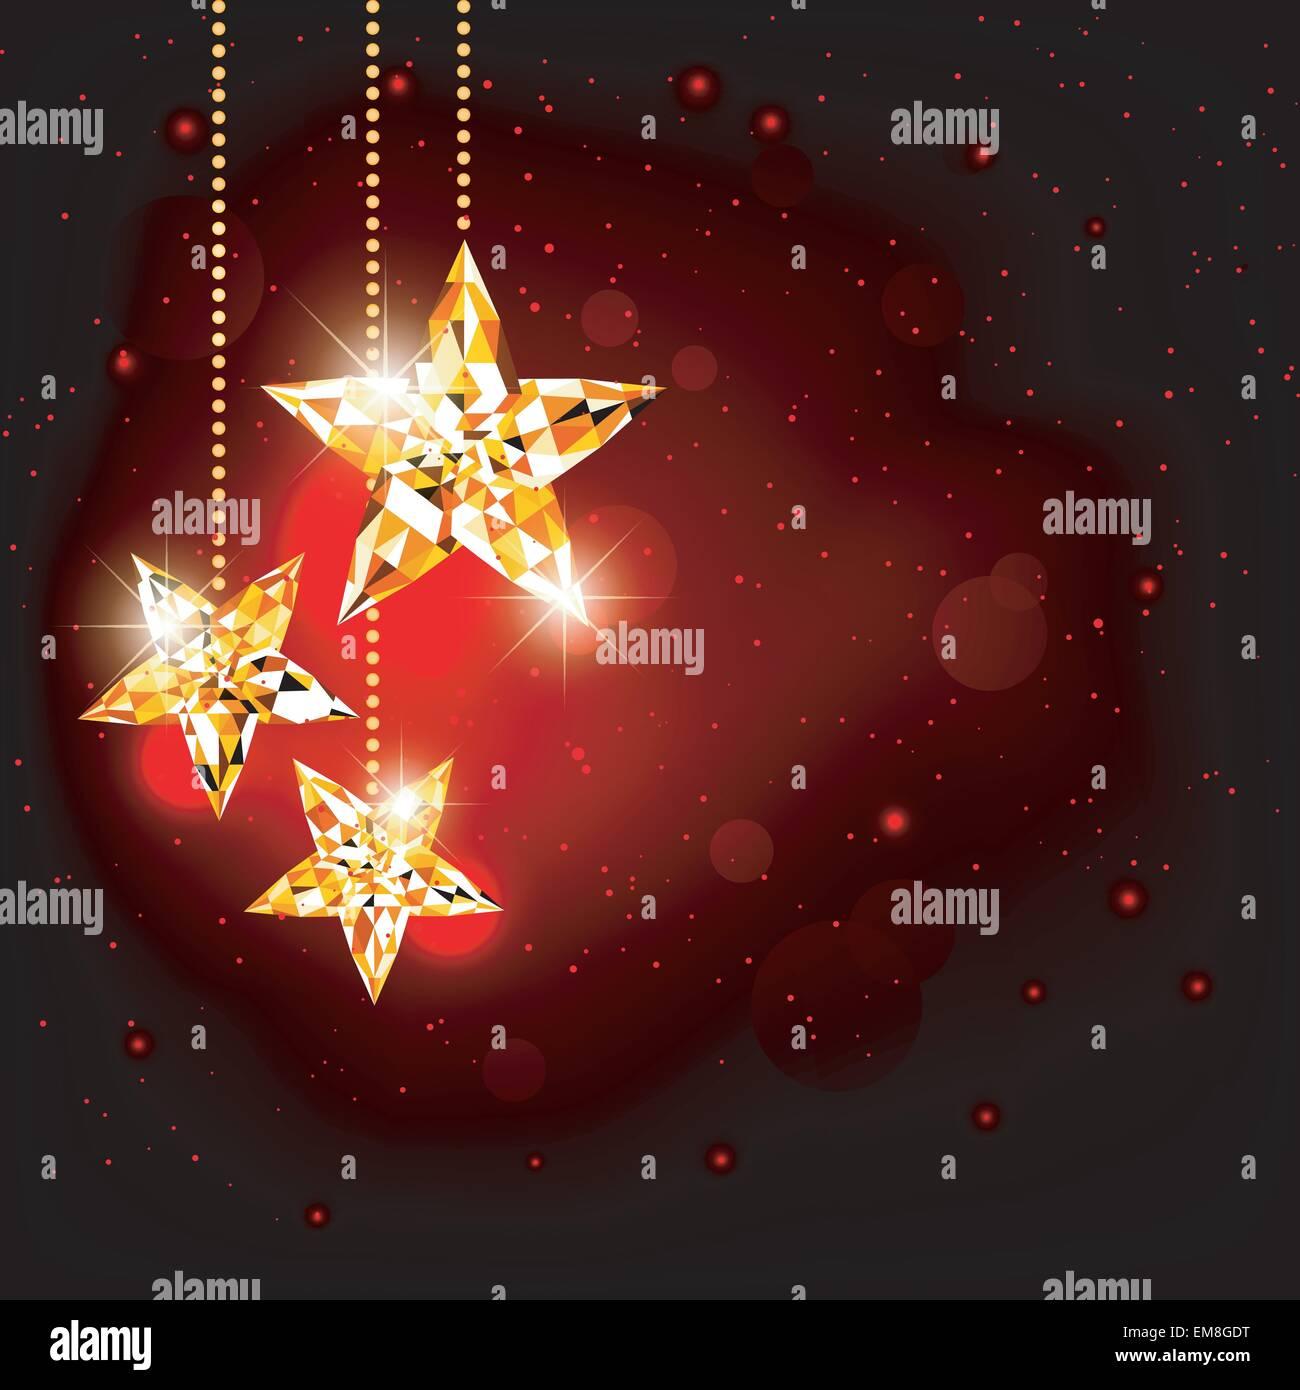 Weihnachten Polygon Sterne Hintergrund Stockbild